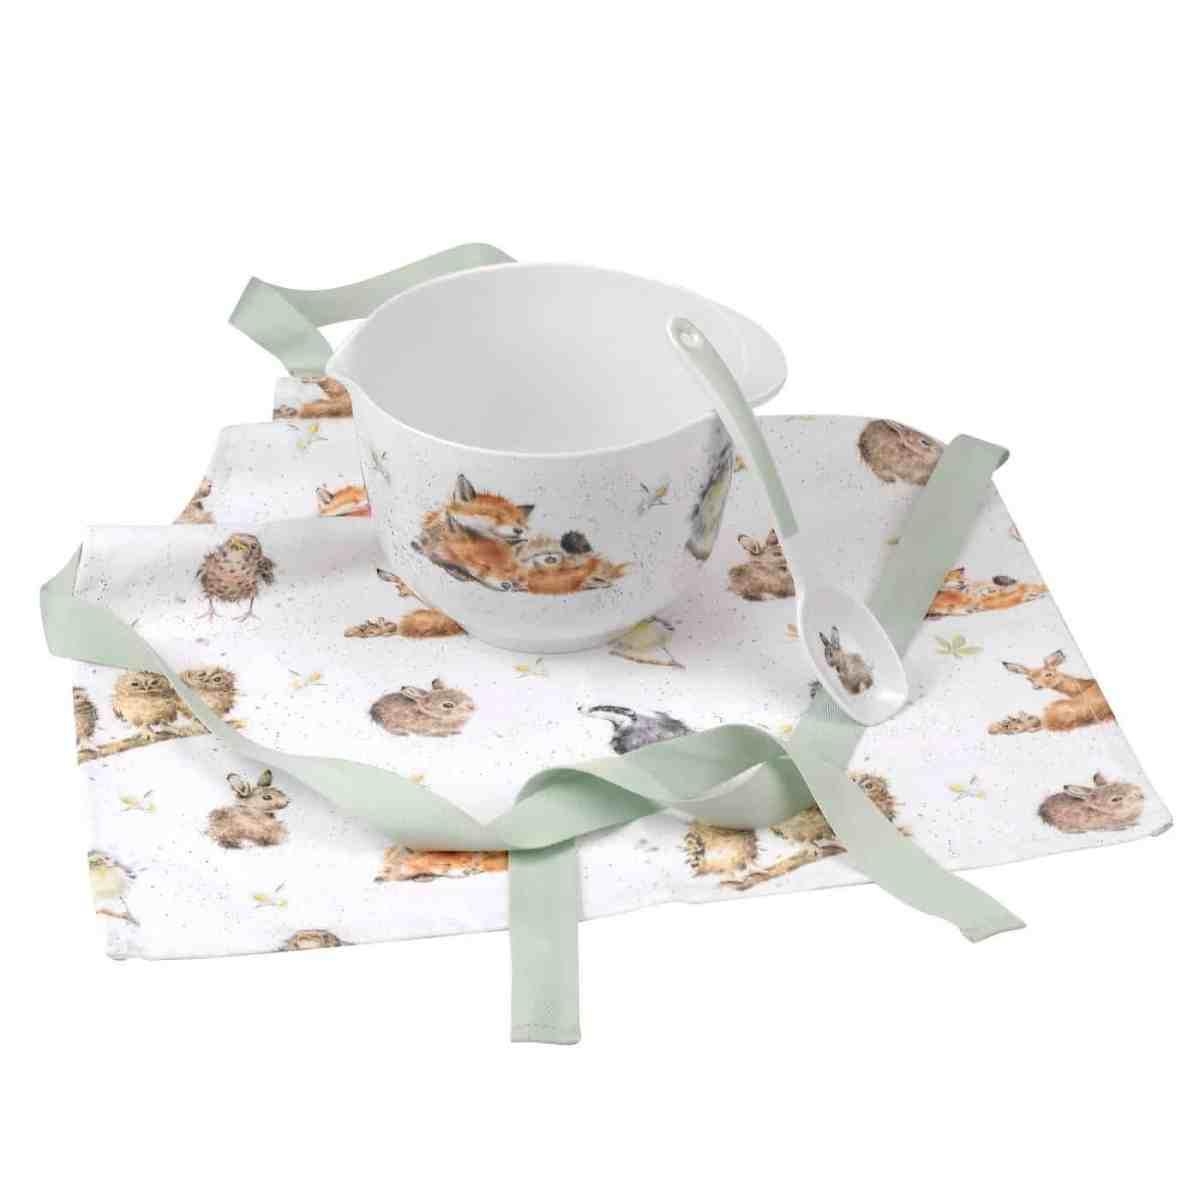 Wrendale Children's Baking Set